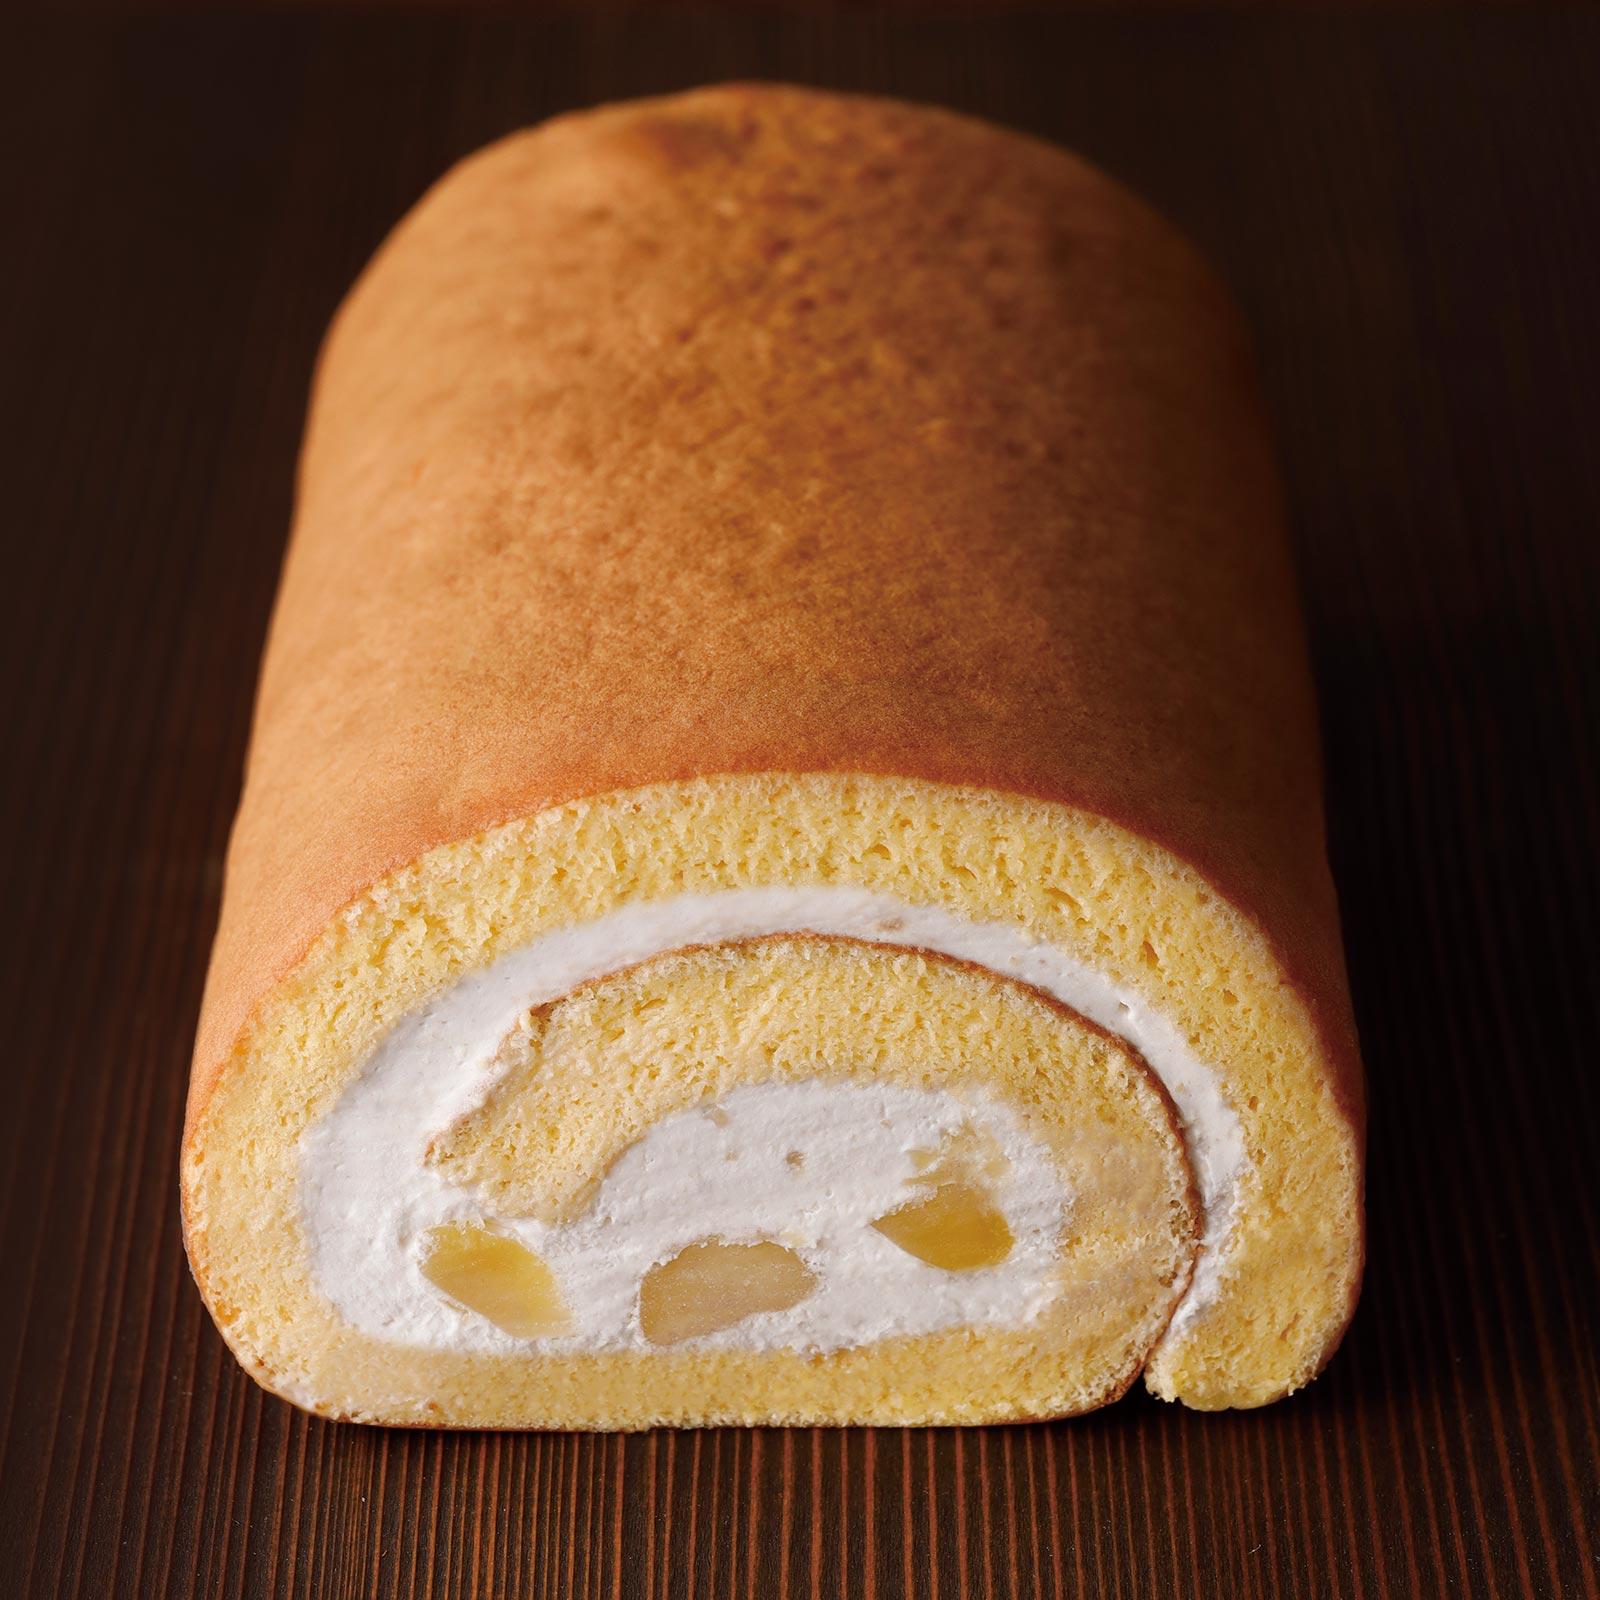 鳥取県産はちみつを練り込んだしっとりスポンジで、和栗ペースト入りのクリームと国産栗の甘露煮を巻き込んだ、秋だけの和栗のロールケーキ